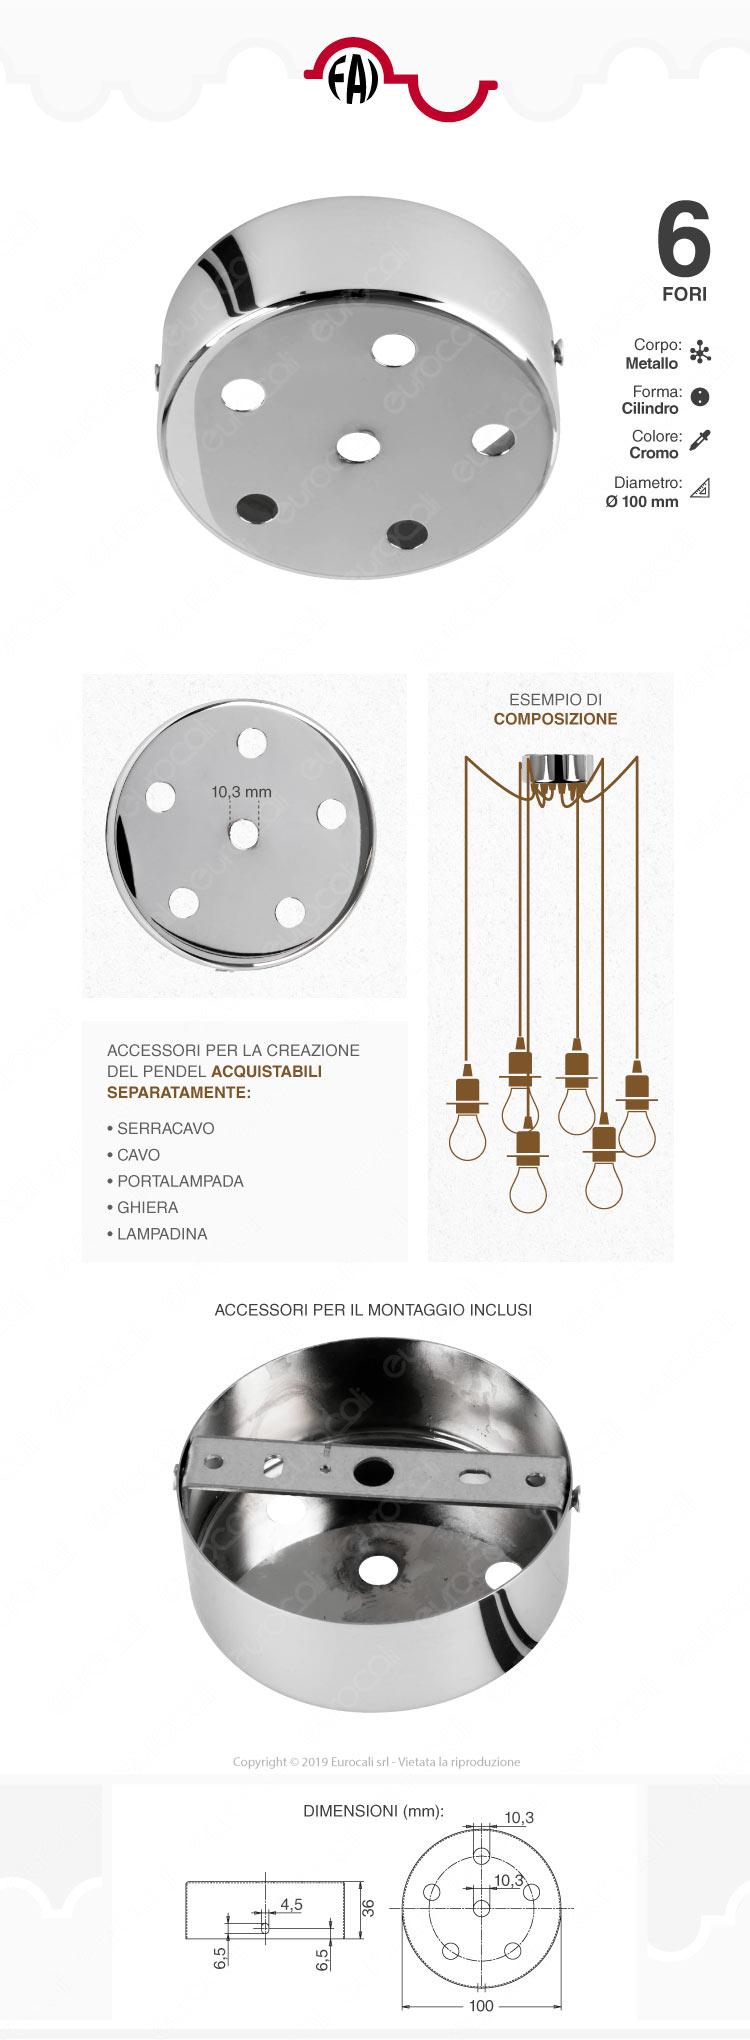 FAI Rosone Cilindrico in Metallo 6 Fori Colore Cromo